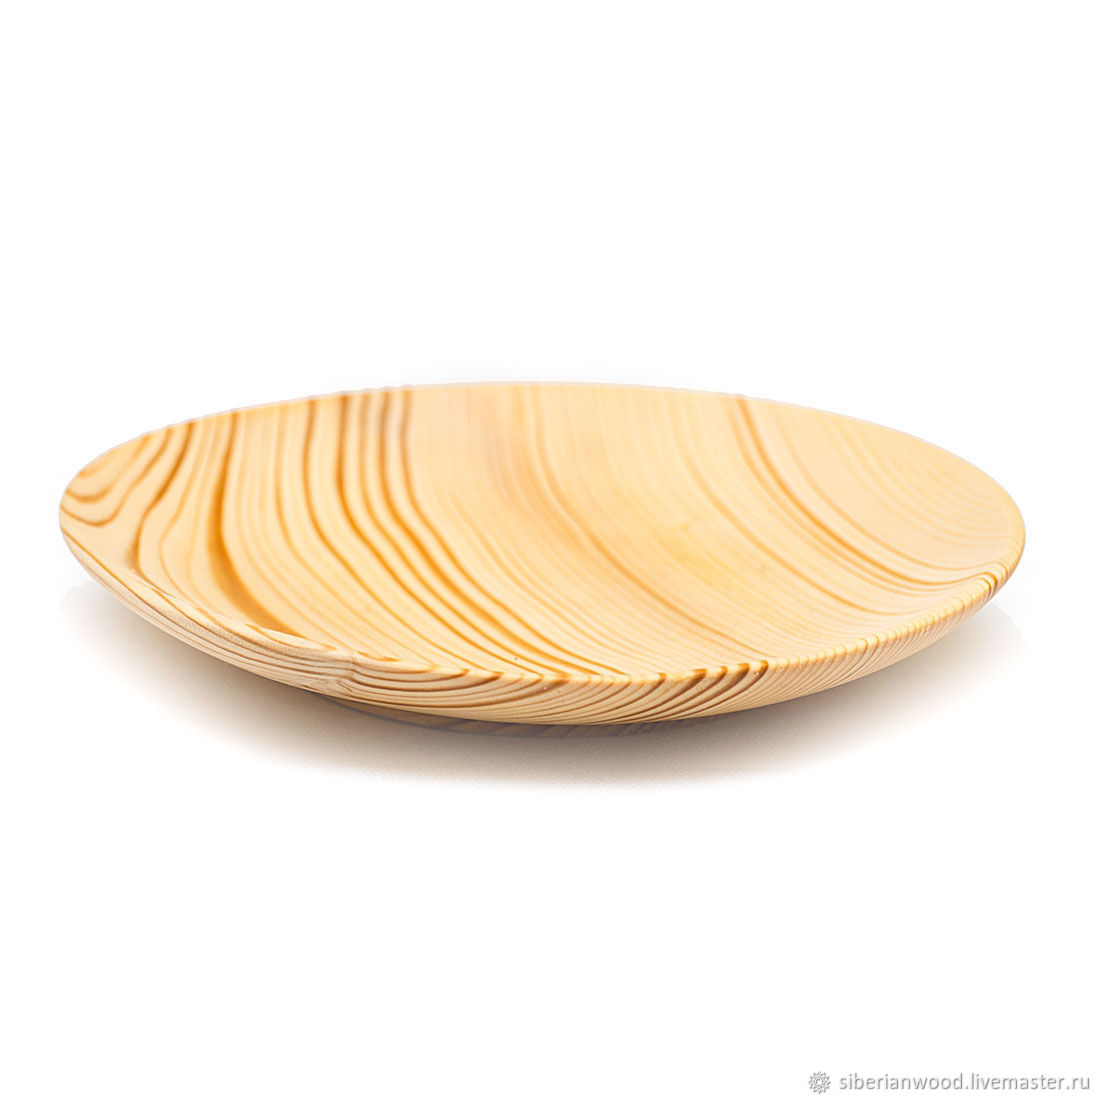 Большая плоская Деревянная Тарелка 20.5см 100% Сибирская Пихта #T62, Тарелки, Новокузнецк,  Фото №1